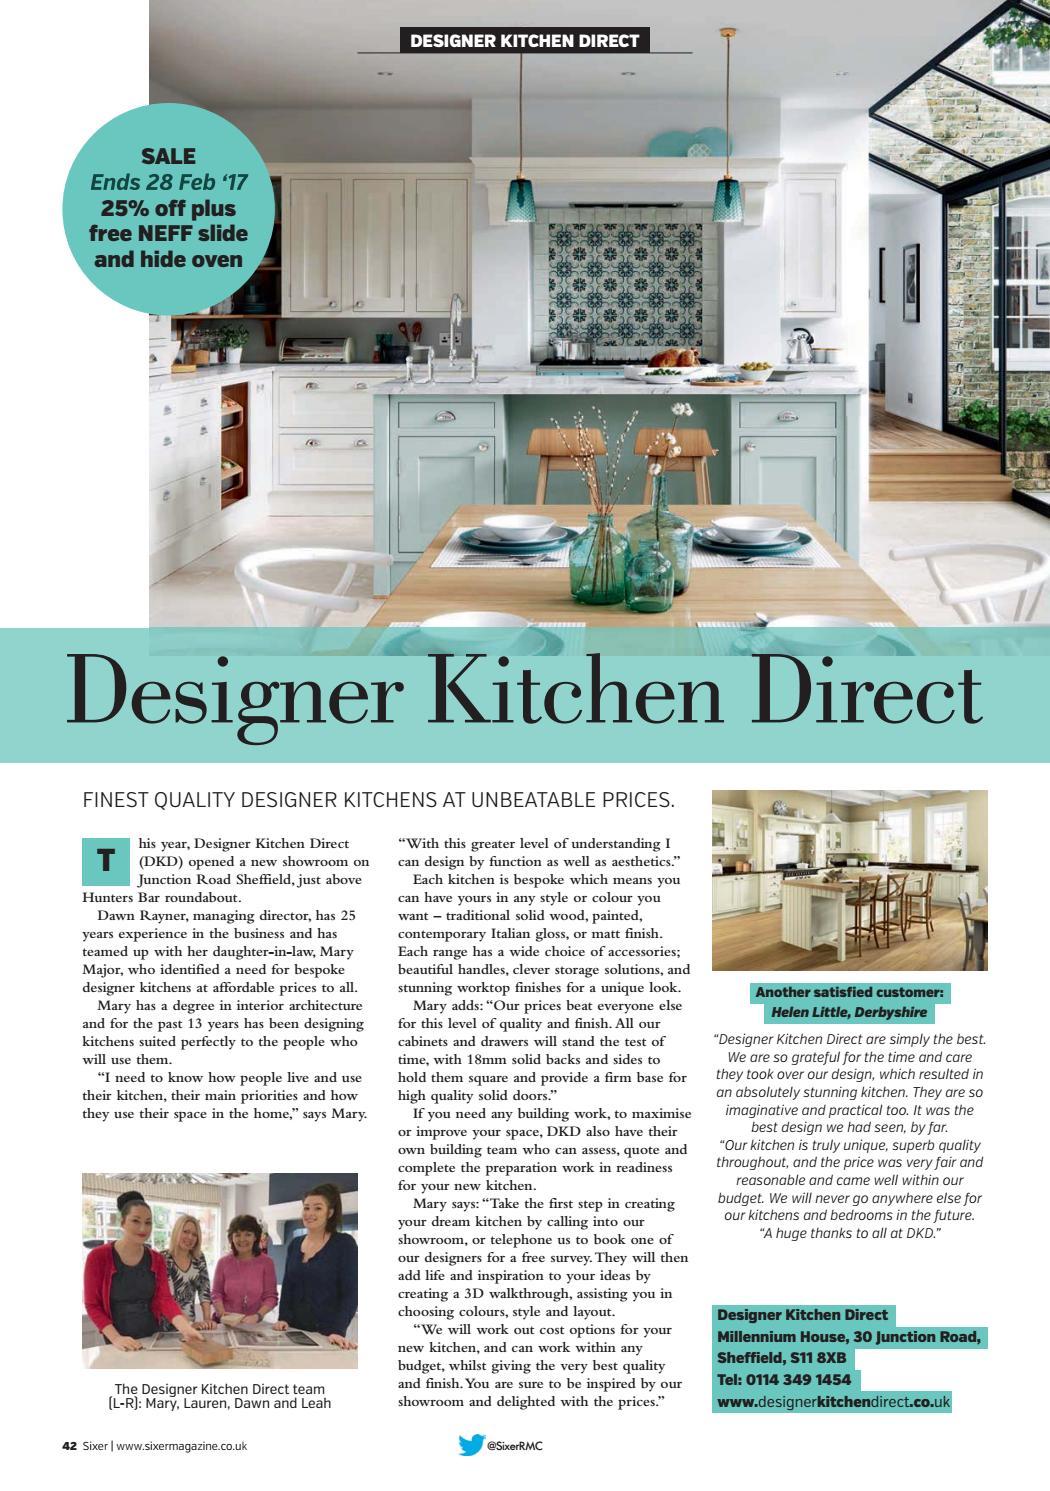 Terrific Designer Kitchens Direct Photos - Exterior ideas 3D - gaml ...